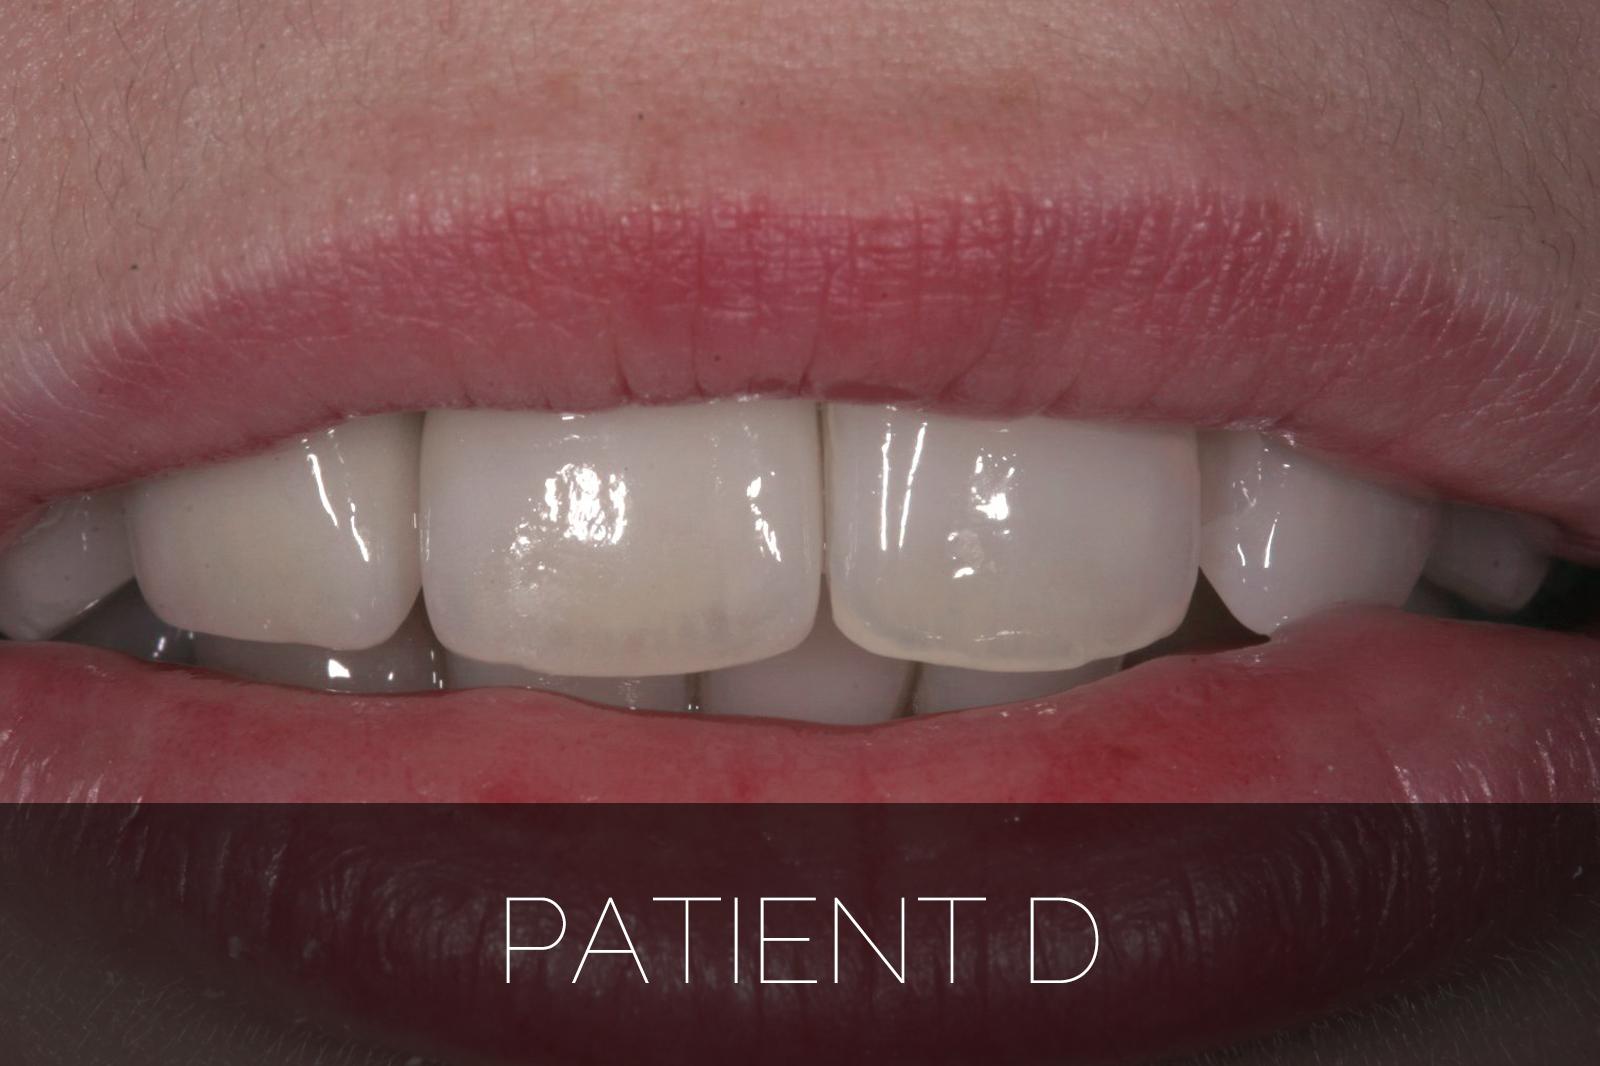 Patient D